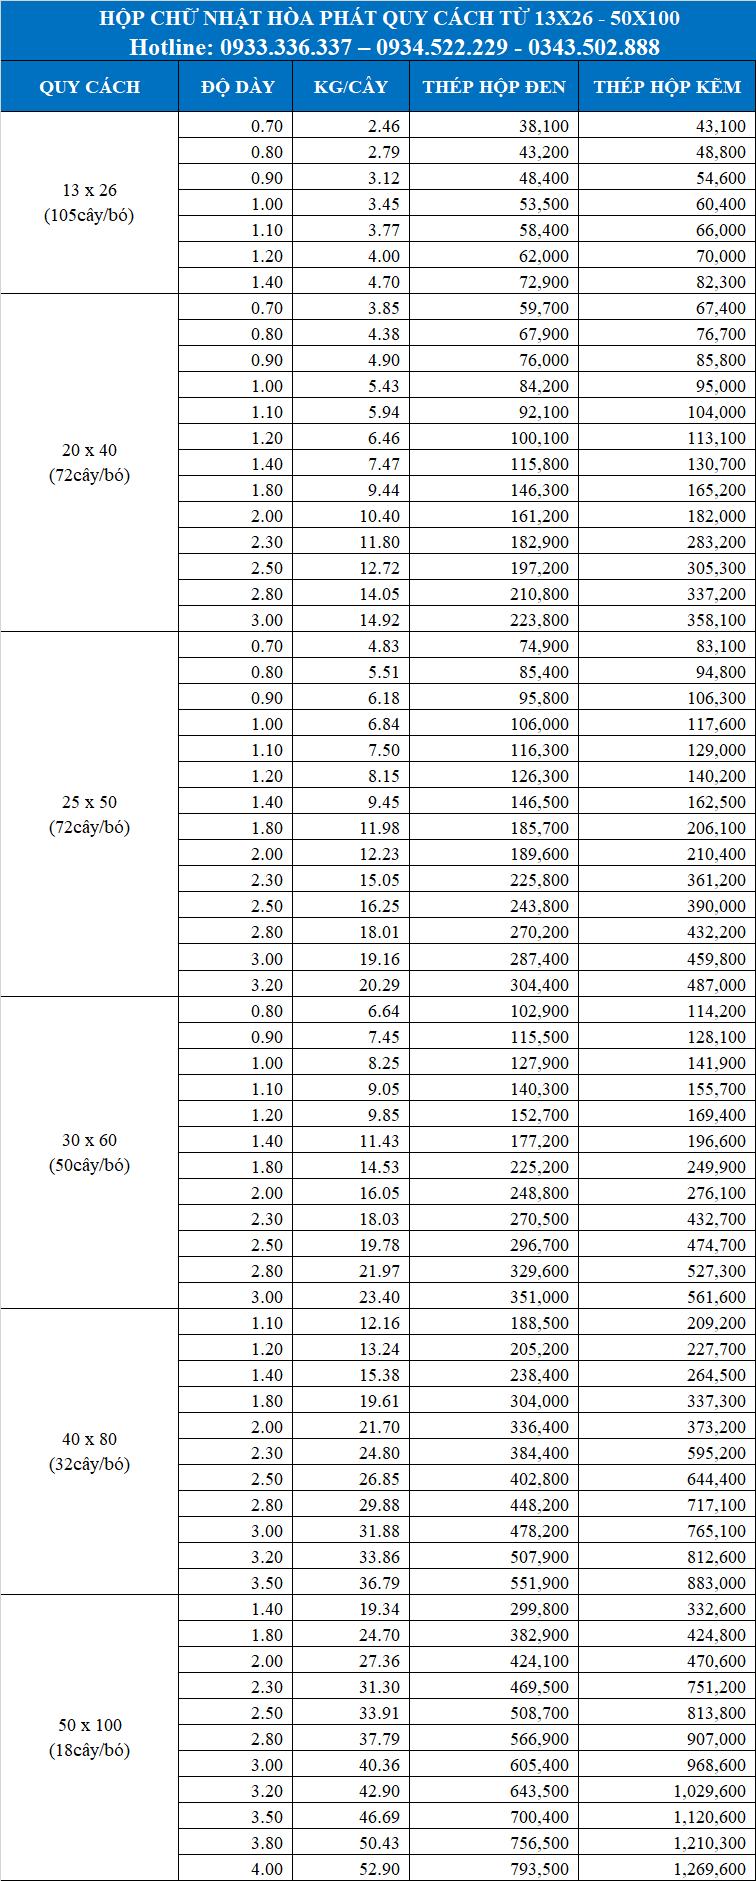 Giá thép hộp chữ nhật Hòa Phát 13x26 - 50x100